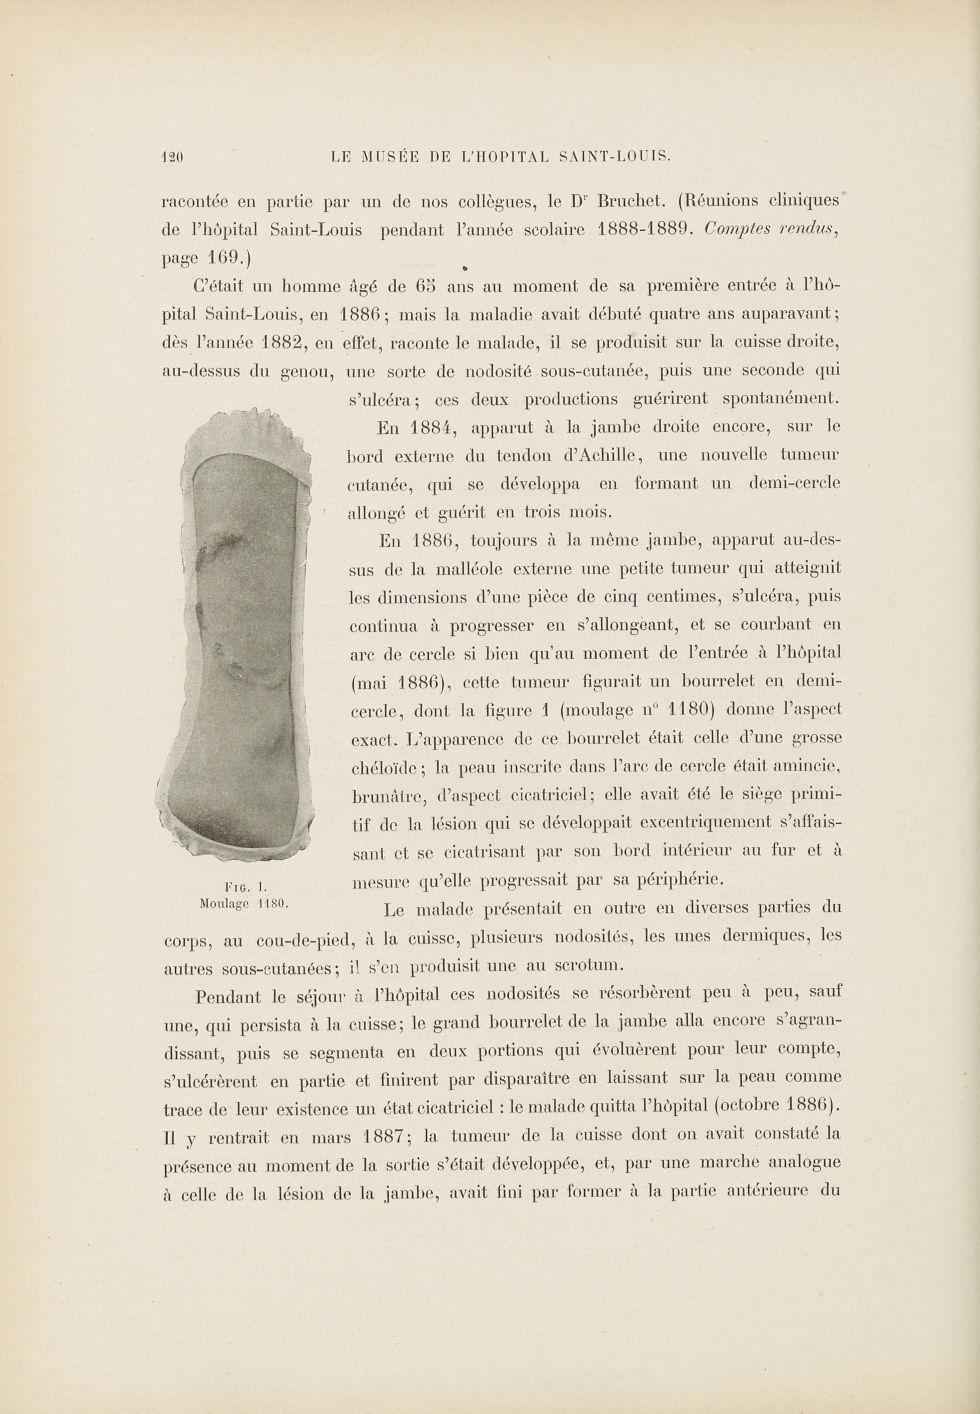 Fig. I. Bourrelet en demi-cercle formé par une tumeur à la jambe droite d'un malade atteint de mycos [...] - Dermatologie (peau). Grosseurs et tuméfactions. Tumeurs. Membres inférieurs. Jambes. 19e siècle (France) - med01740x0143